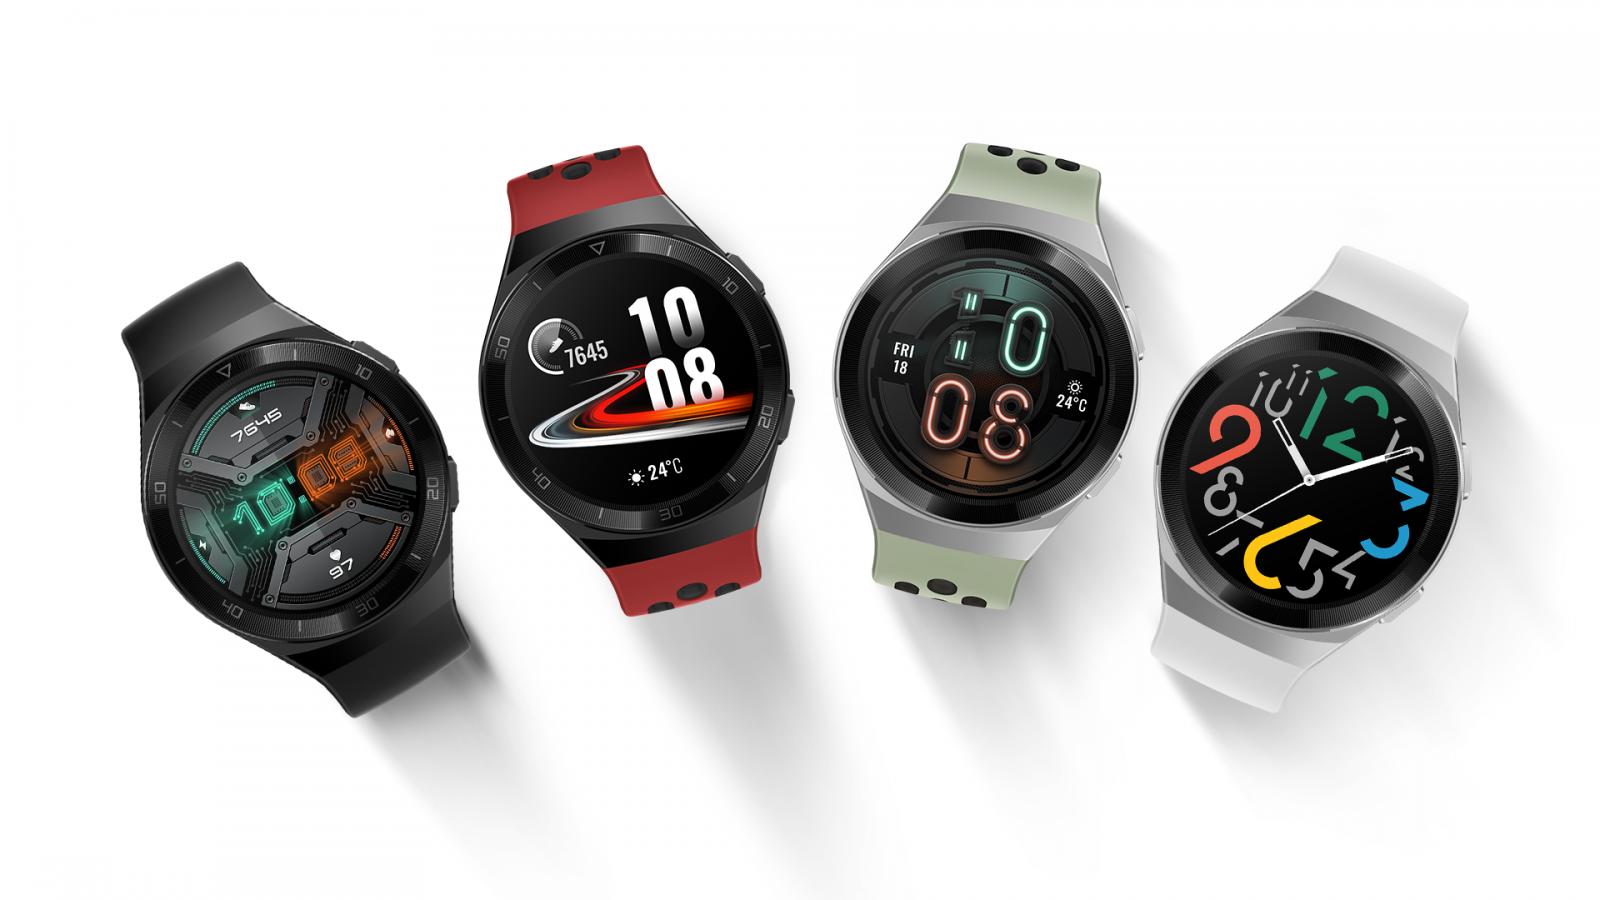 Hodinky série Huawei Watch GT 2 dostávajú aktualizáciu s množstvom noviniek